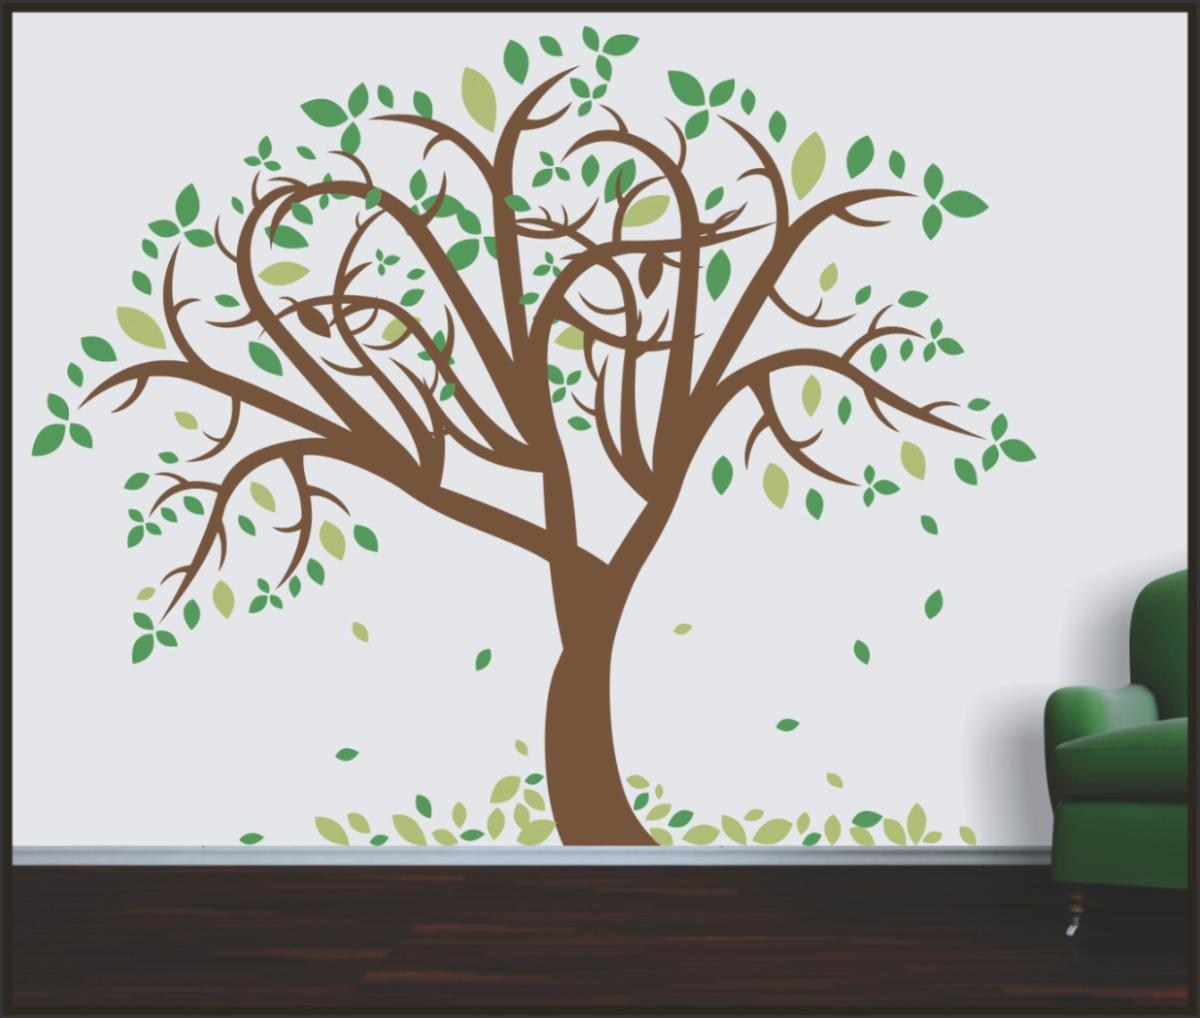 Adesivo Impressão Digita ~ Adesivo Decorativo Para Paredes,Árvore Tipuana Tam P R$ 149,90 em Mercado Livre